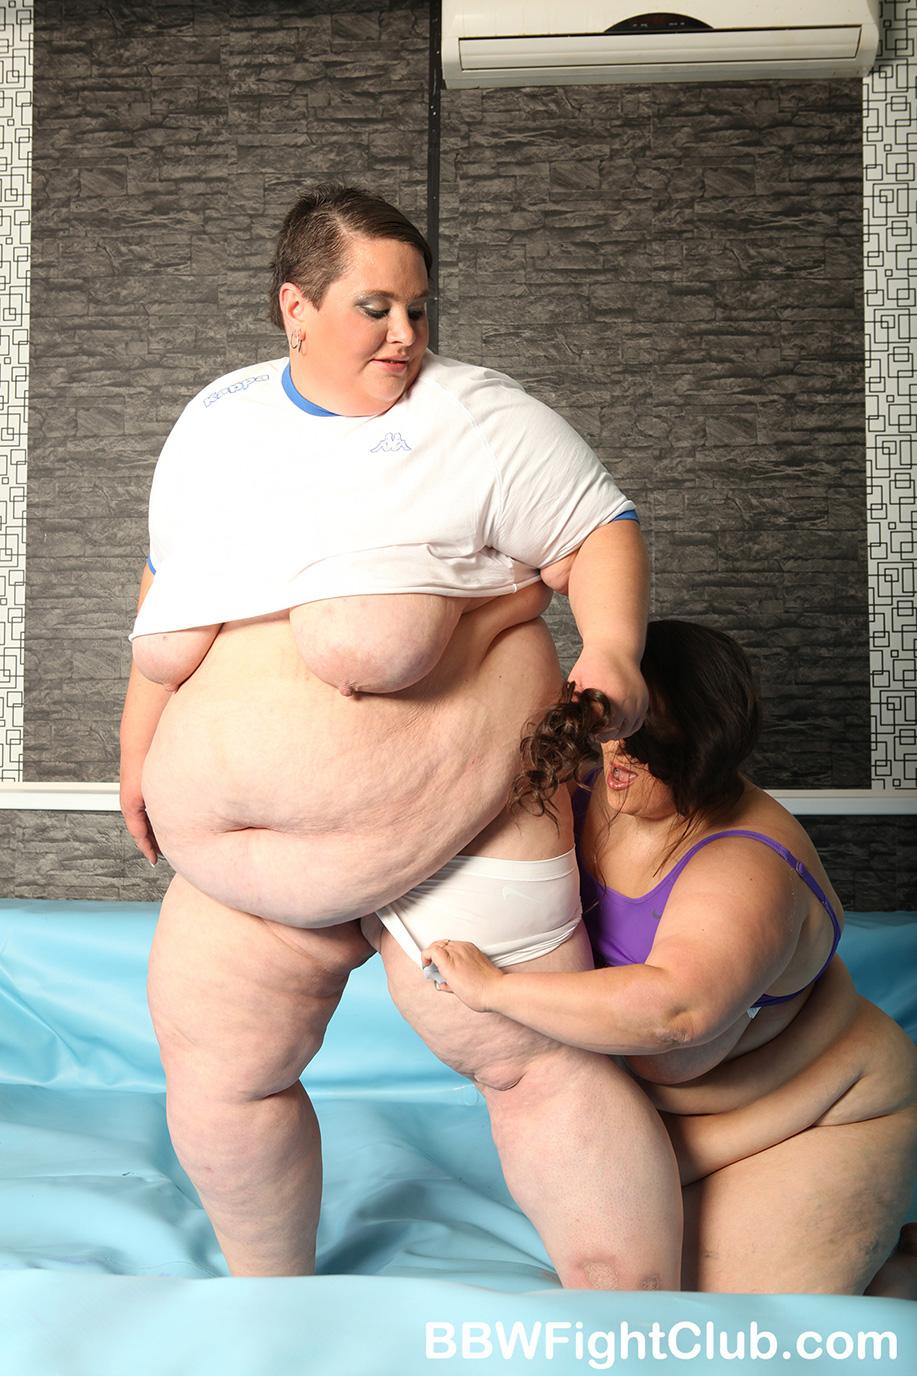 Naked Oil Wrestling Match